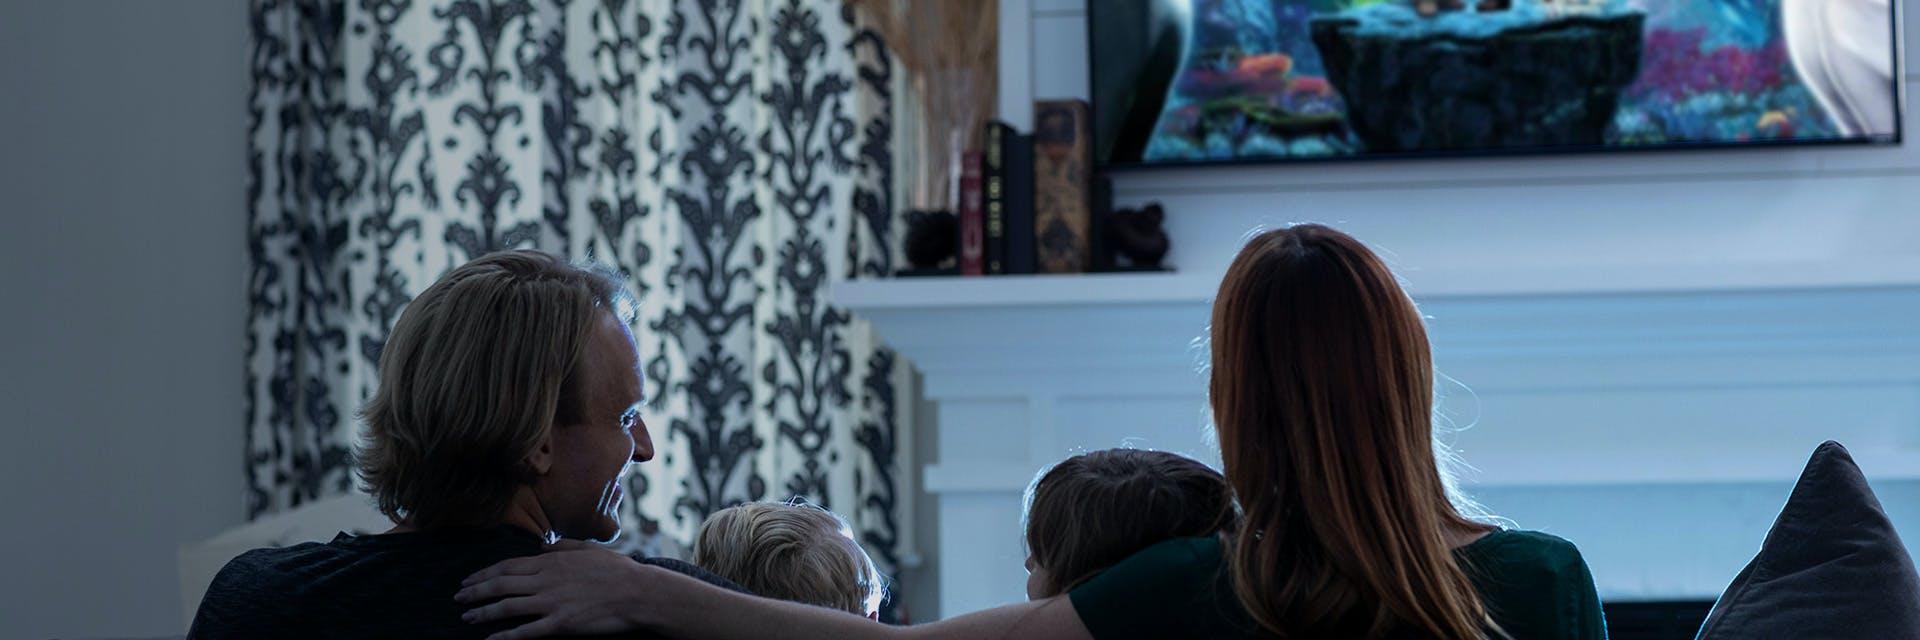 hero-family-tv.jpg